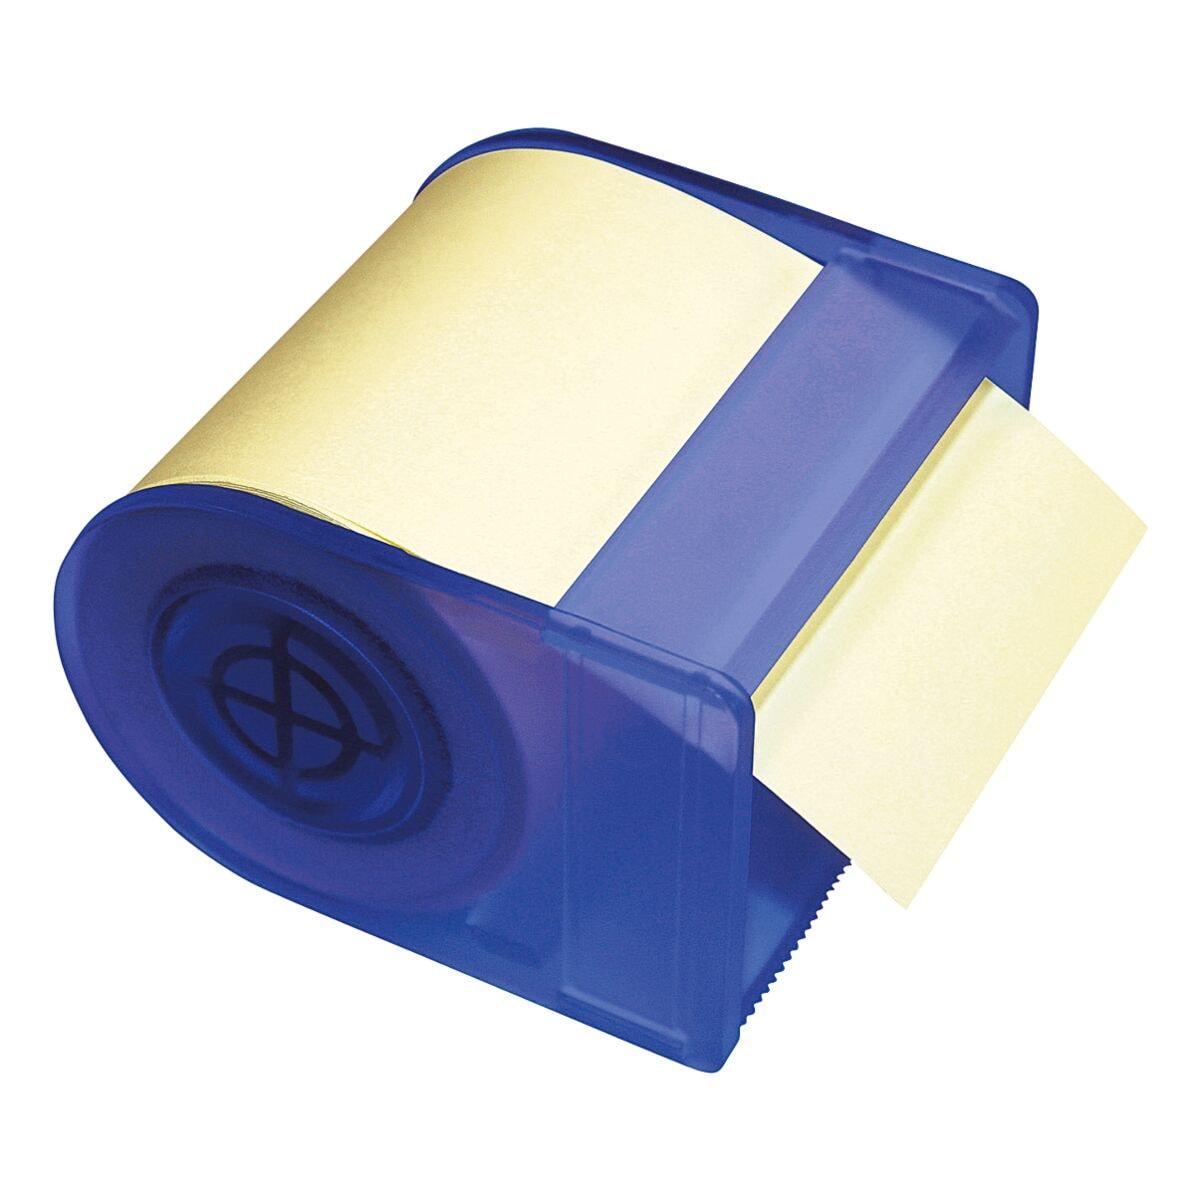 inFo Haftnotizspender »Roll Notes«